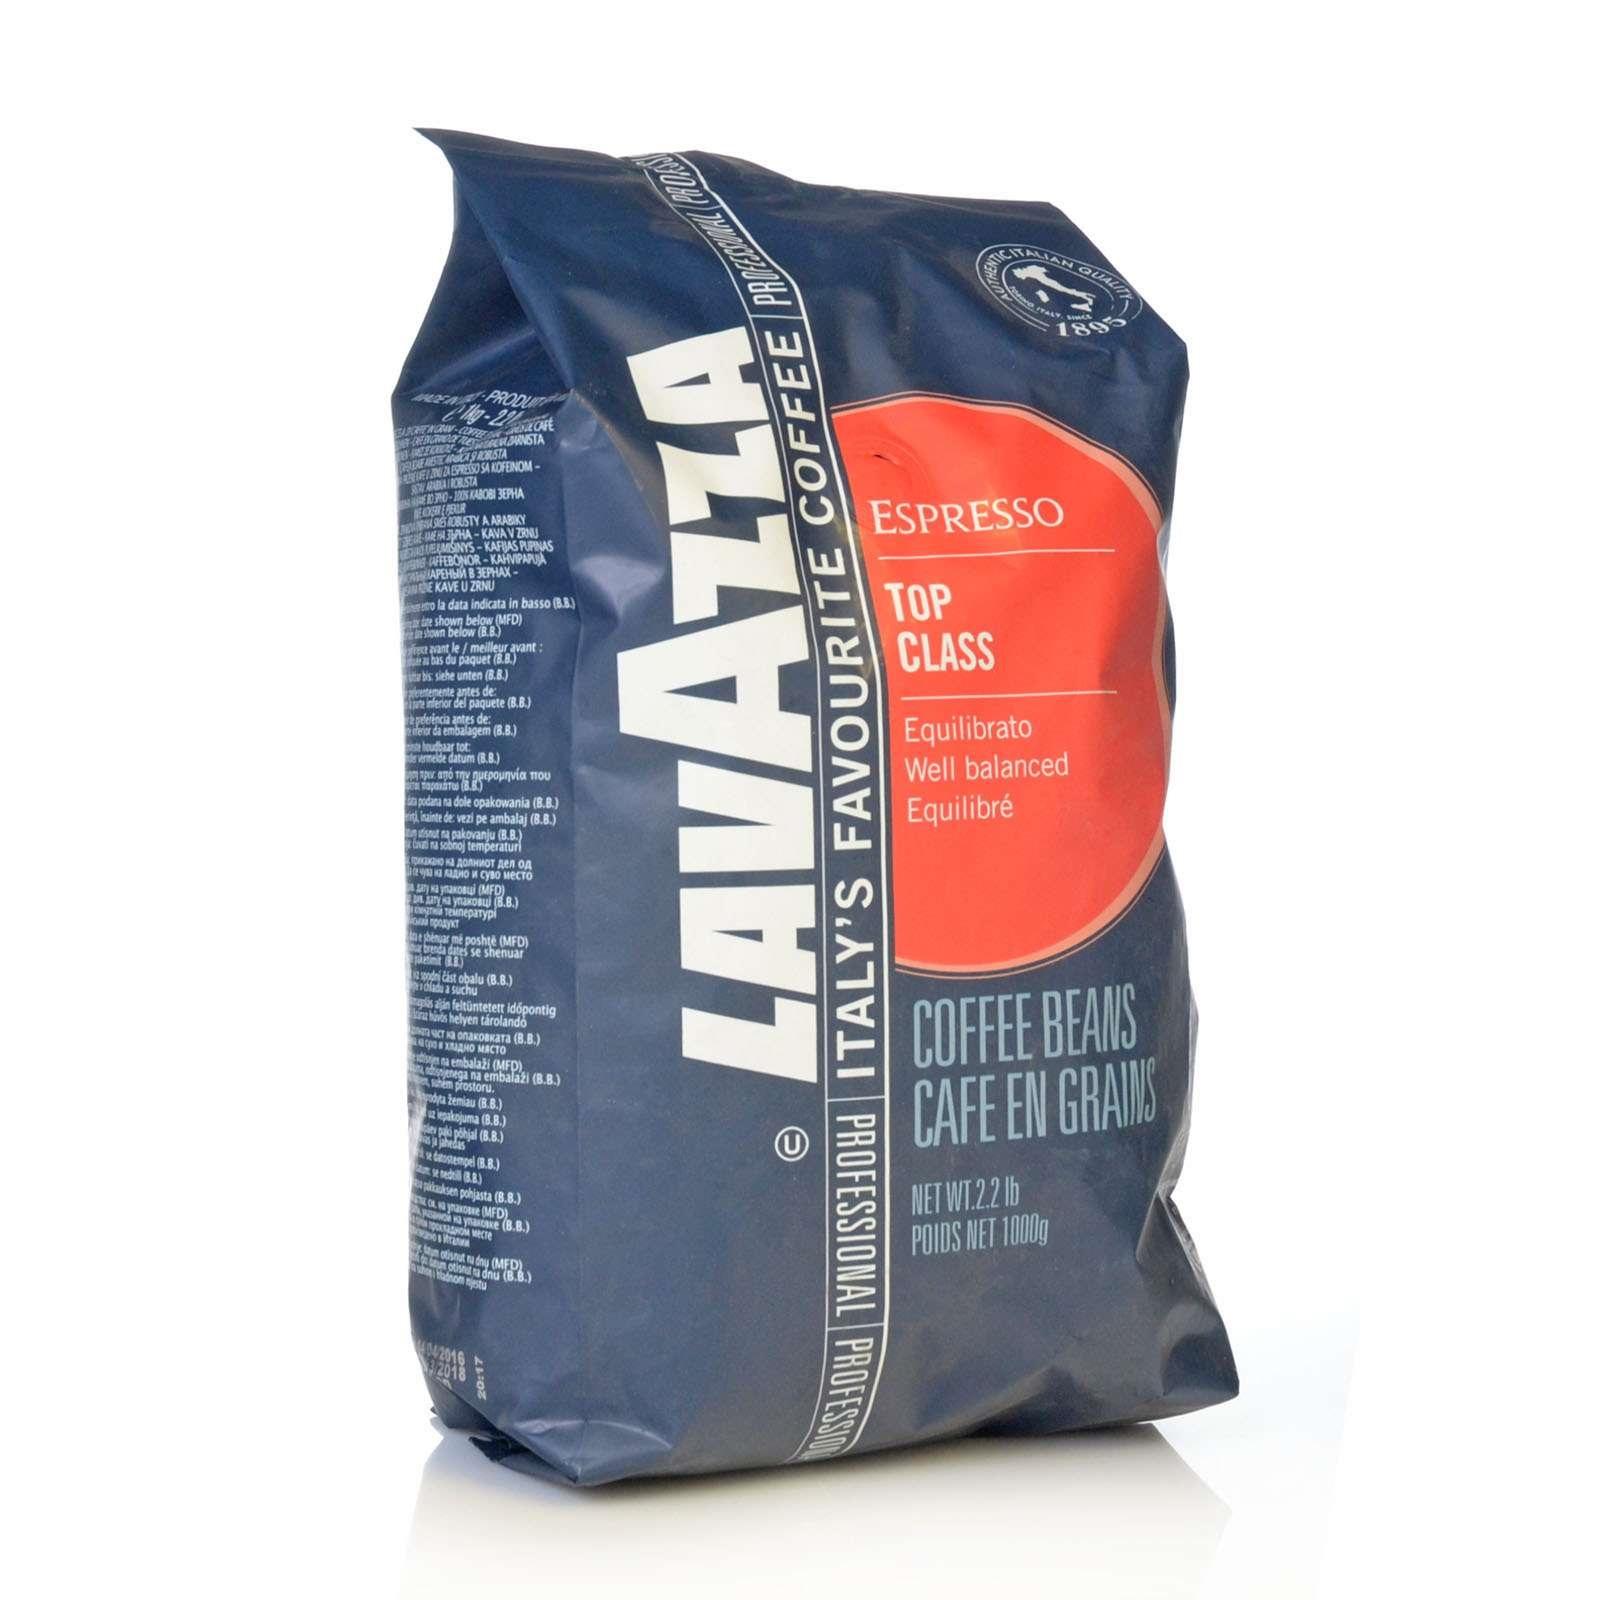 Lavazza Espresso Top Class 1kg ganze Bohnen